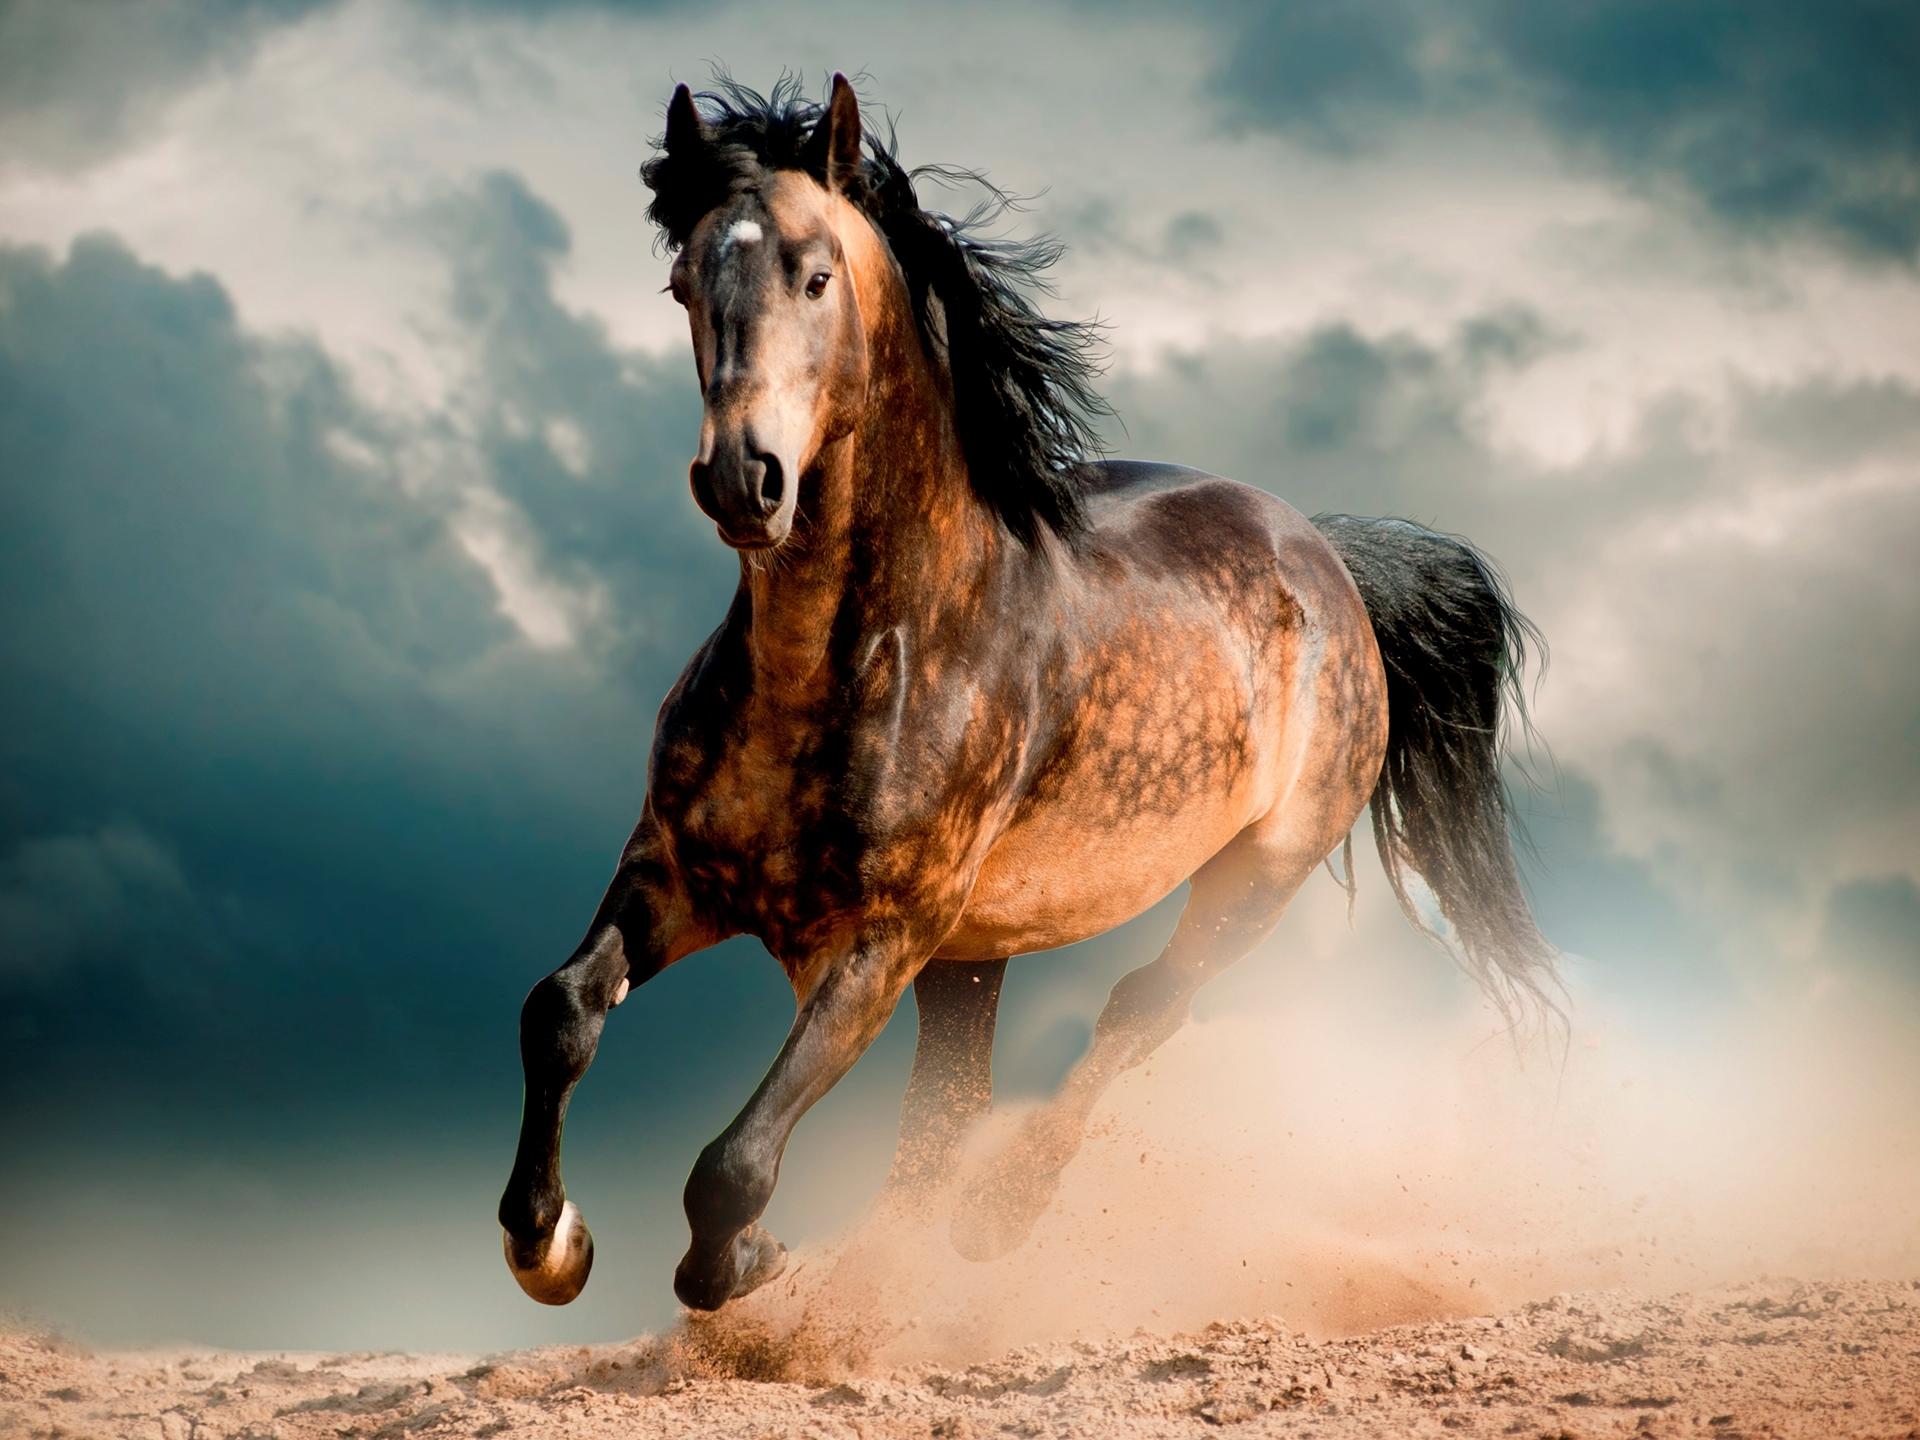 magnifique-cheval-au-galop